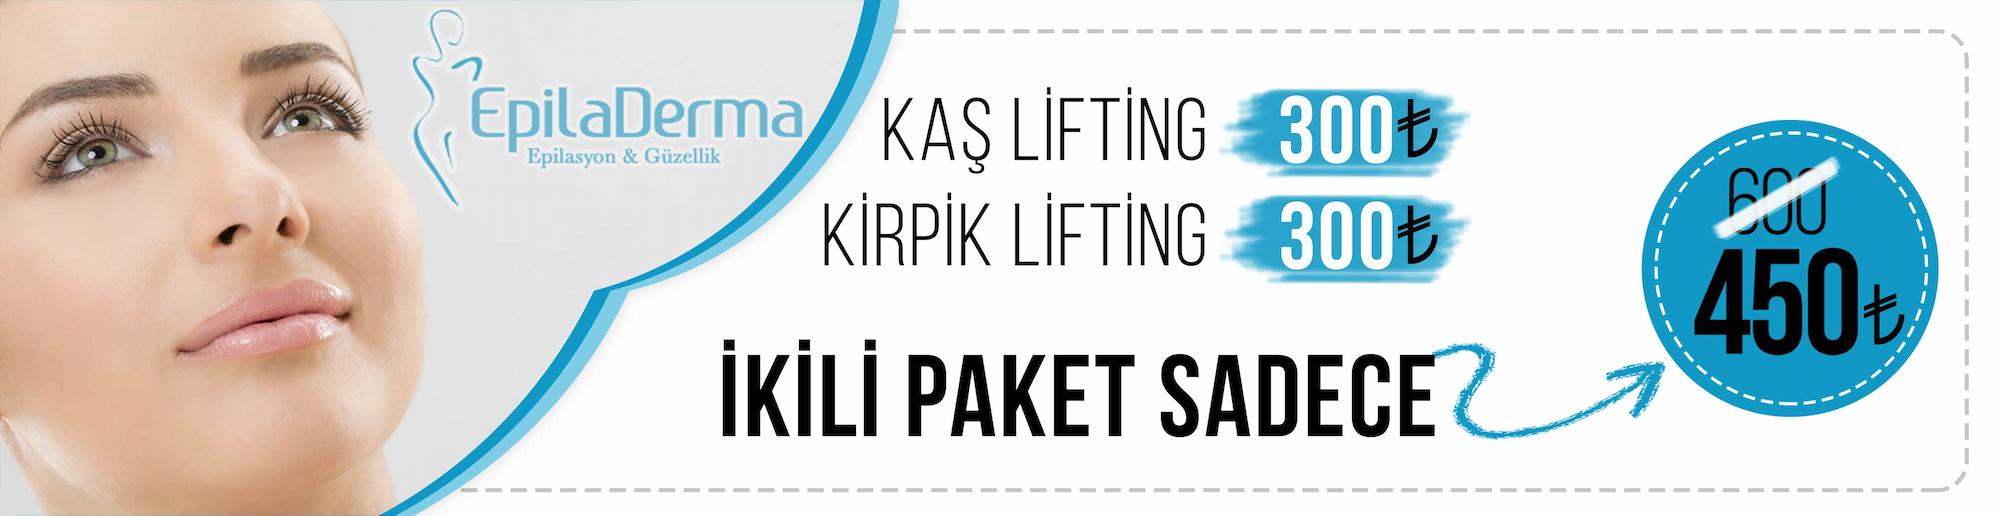 kirpik_lifting_kampanyasi